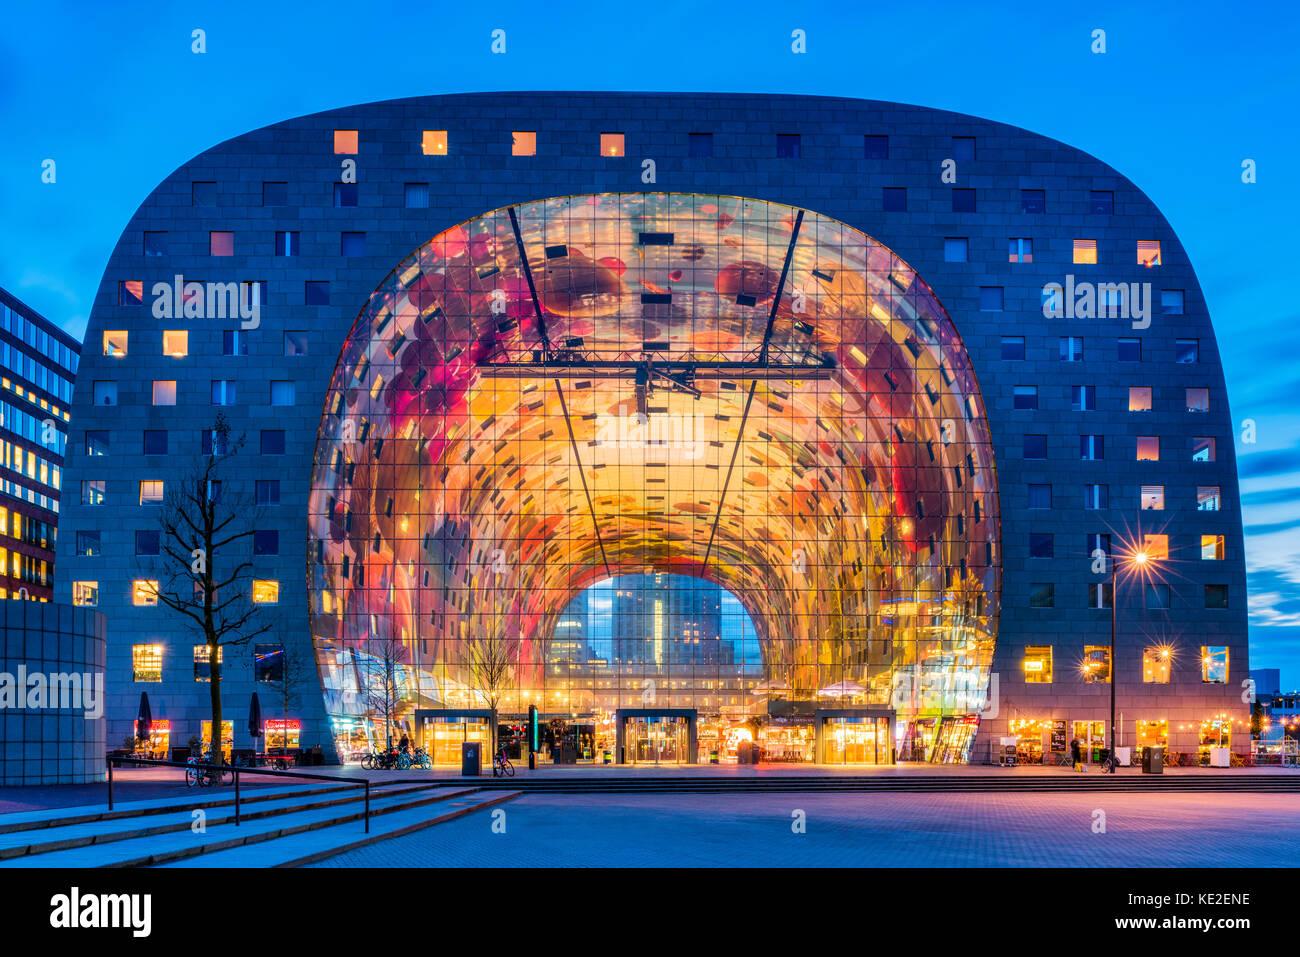 Sala del mercato nel quartiere blaak di rotterdam, Paesi Bassi al tramonto. è una zona residenziale e di uffici Immagini Stock